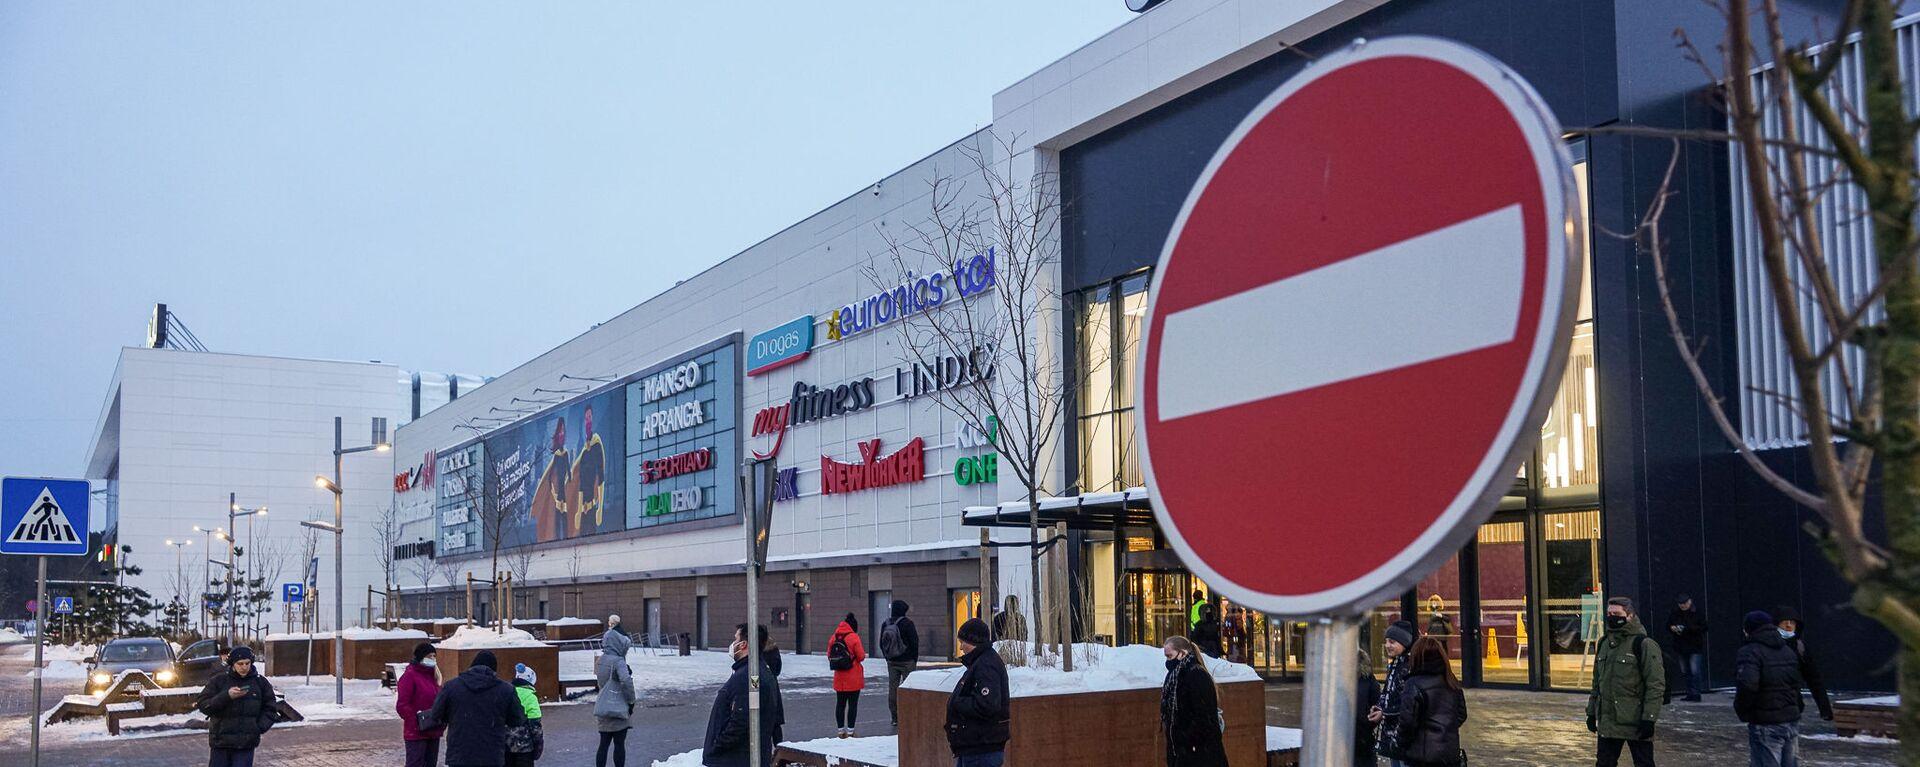 Очередь на вход в торговый центр в Риге - Sputnik Latvija, 1920, 10.04.2021